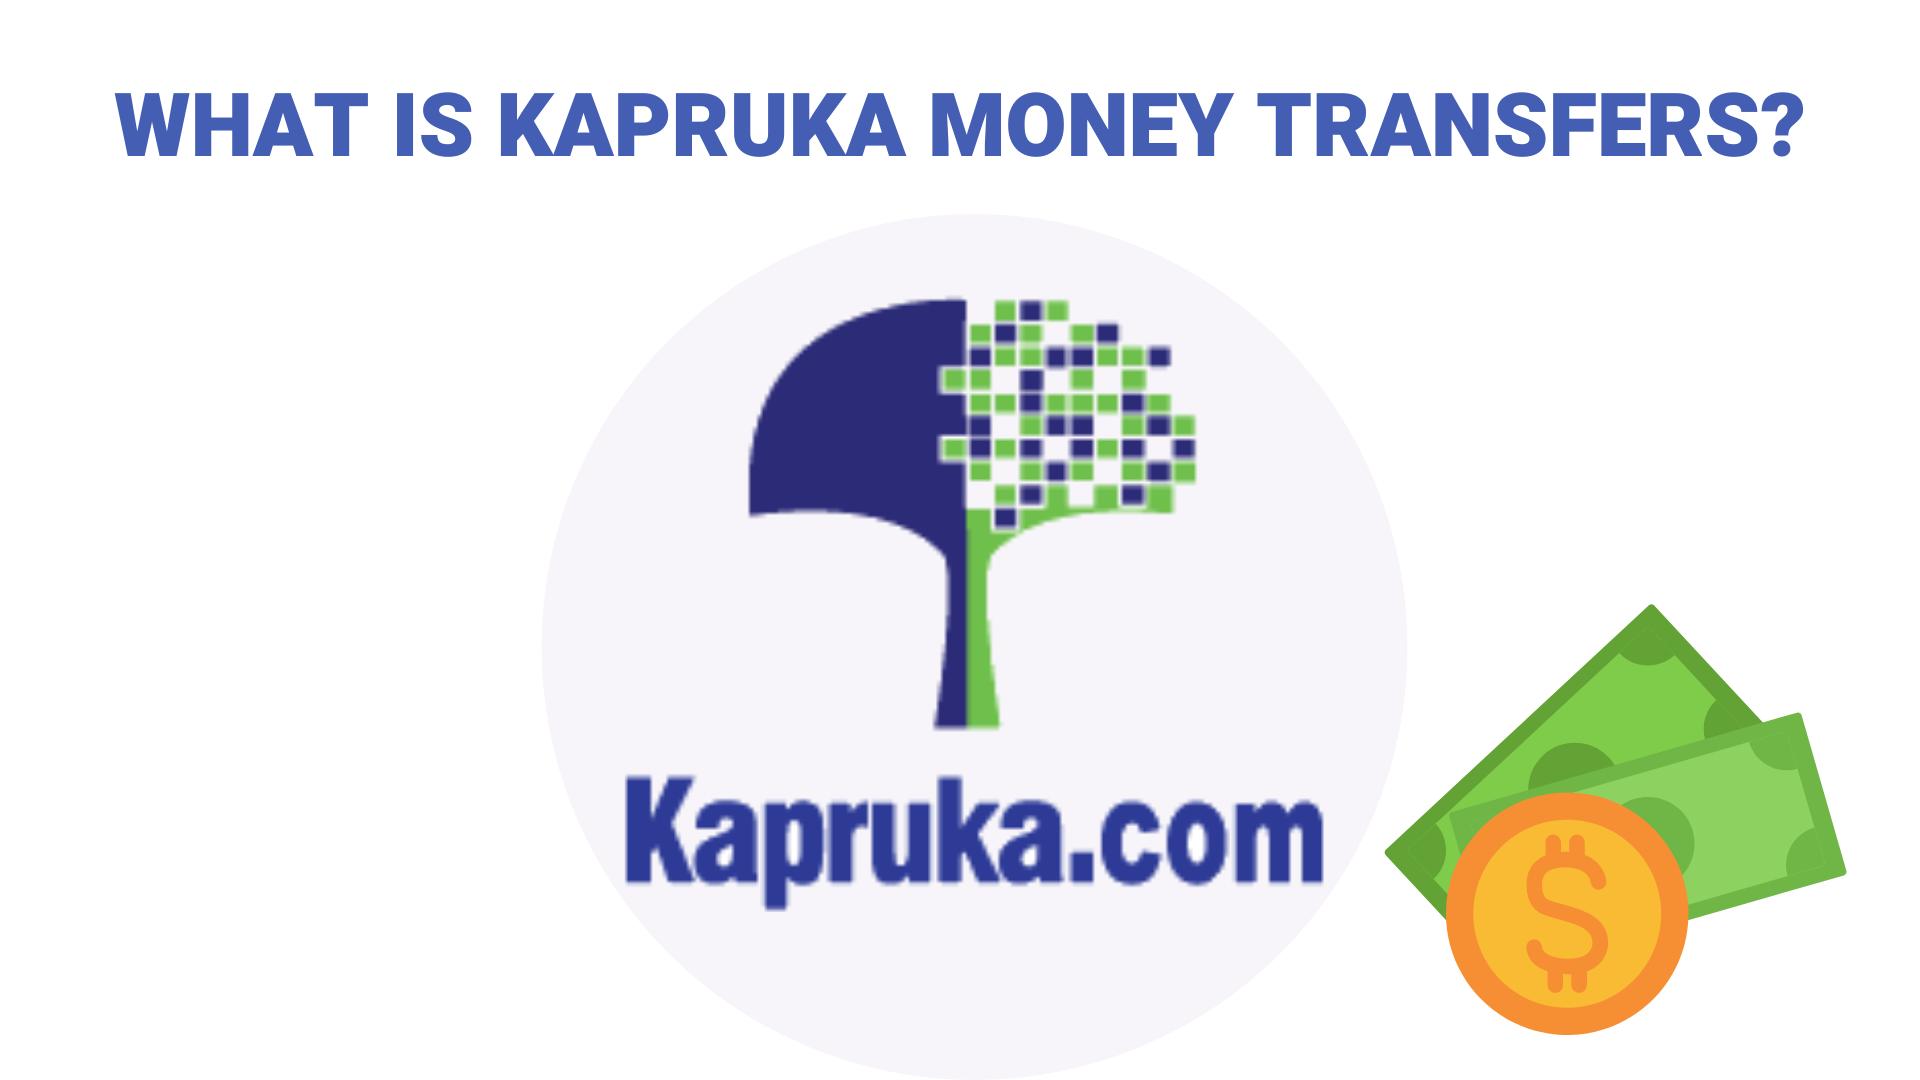 Kapruka Money Transfer